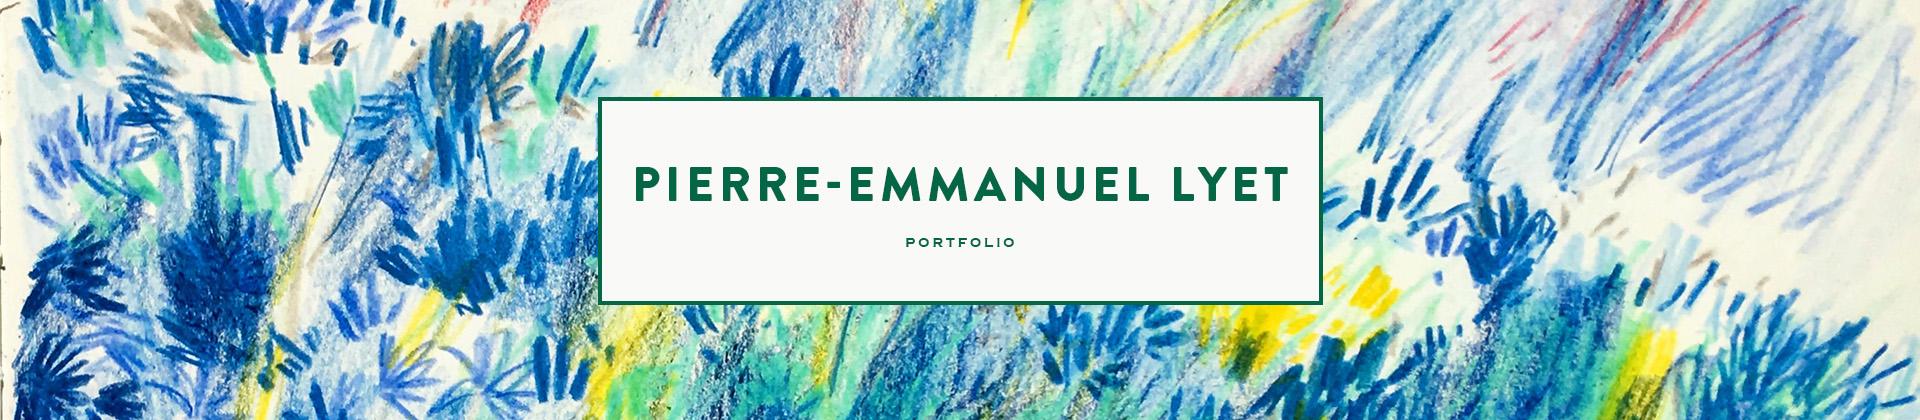 Pierre-Emmanuel Lyet